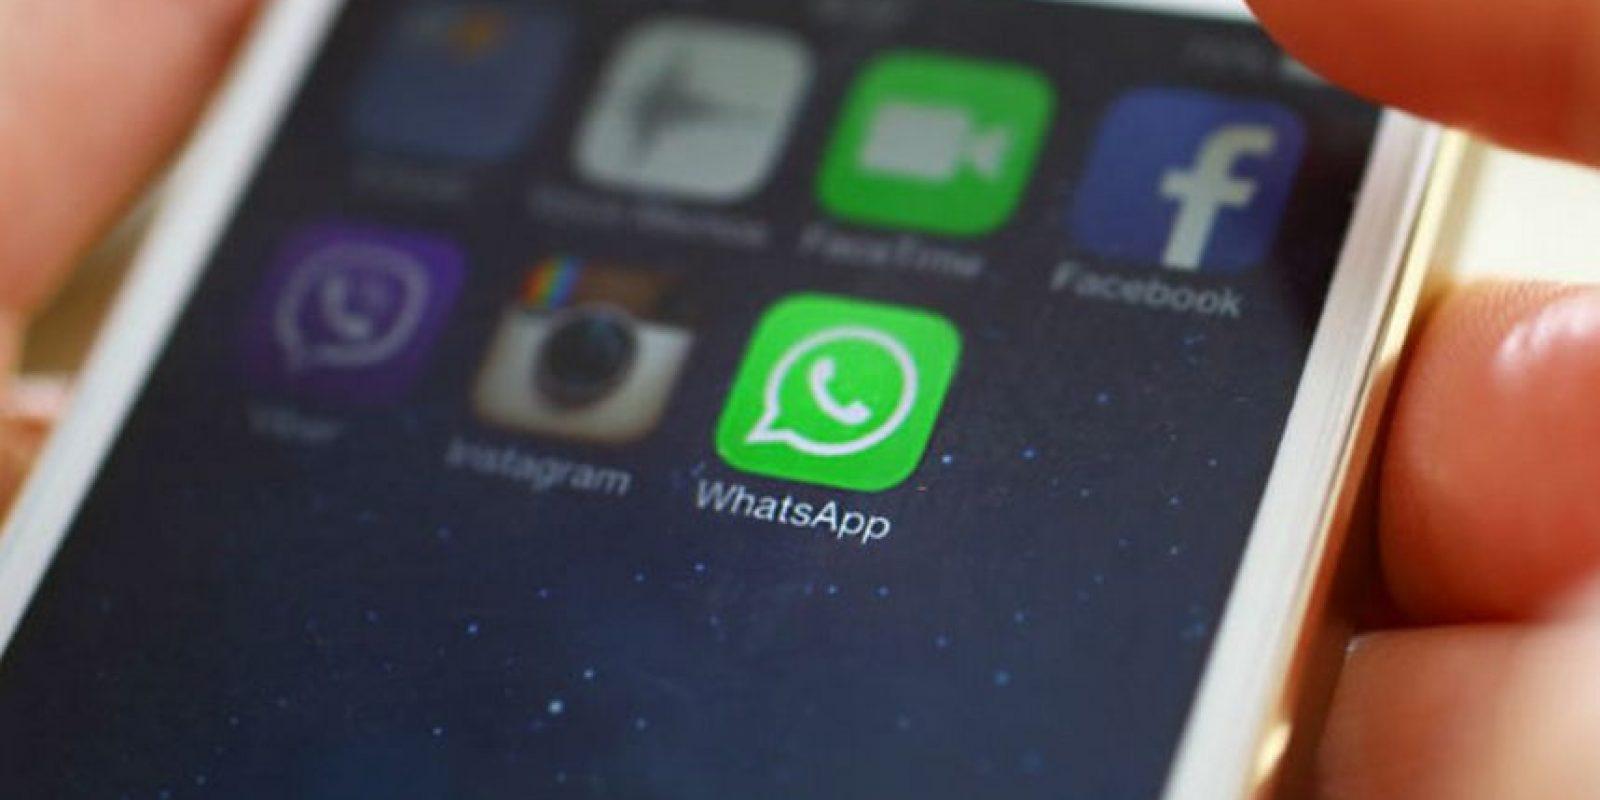 Su smartphone puede ser contaminado con un virus por recibir mensajes o archivos que envían los usuarios. Foto:Tumblr